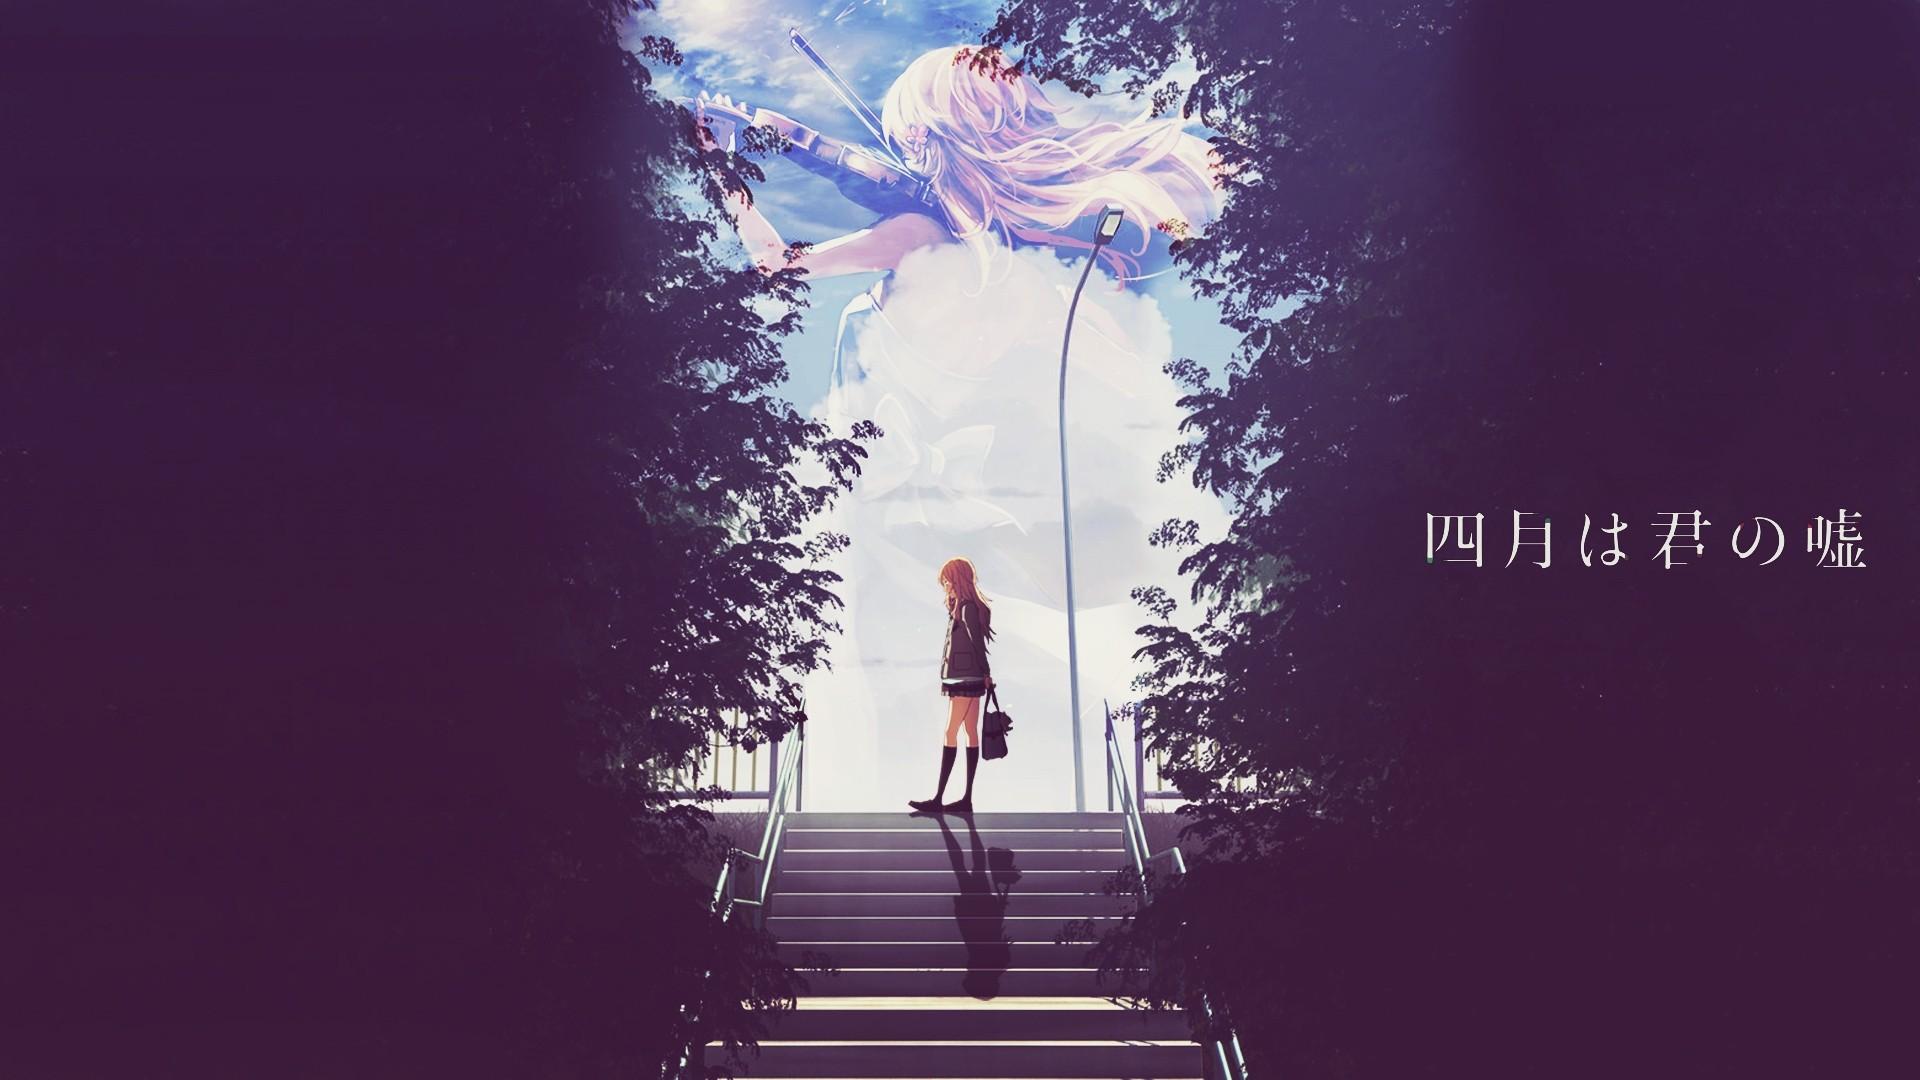 Shigatsu Wa Kimi No Uso Wallpaper Download Free Beautiful Full